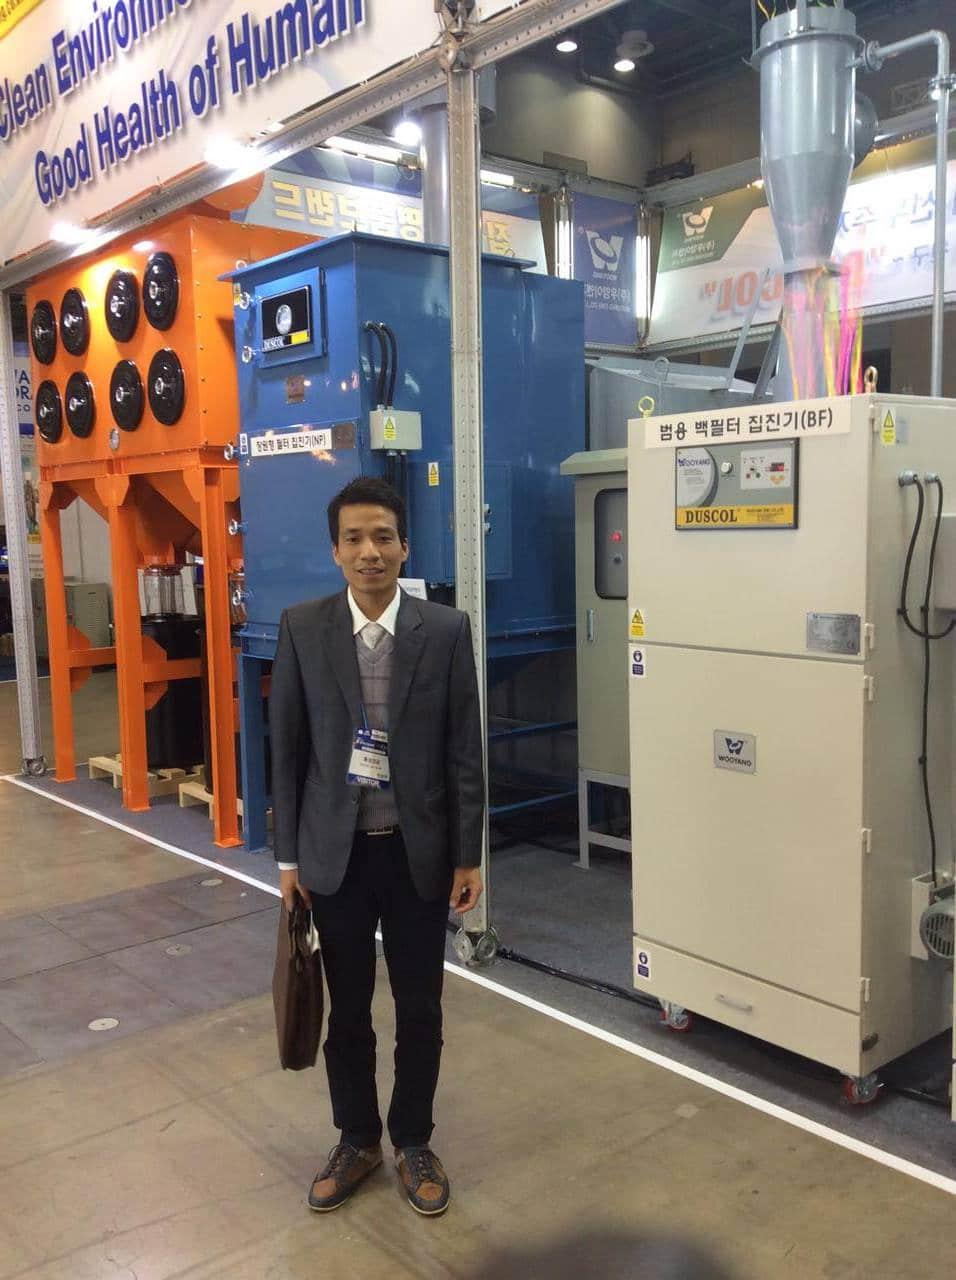 Tham quan máy móc công nghệ ở Hàn Quốc, Hội chợ trển lãm ngành lạnh công nghiệp tại Coex năm 2016